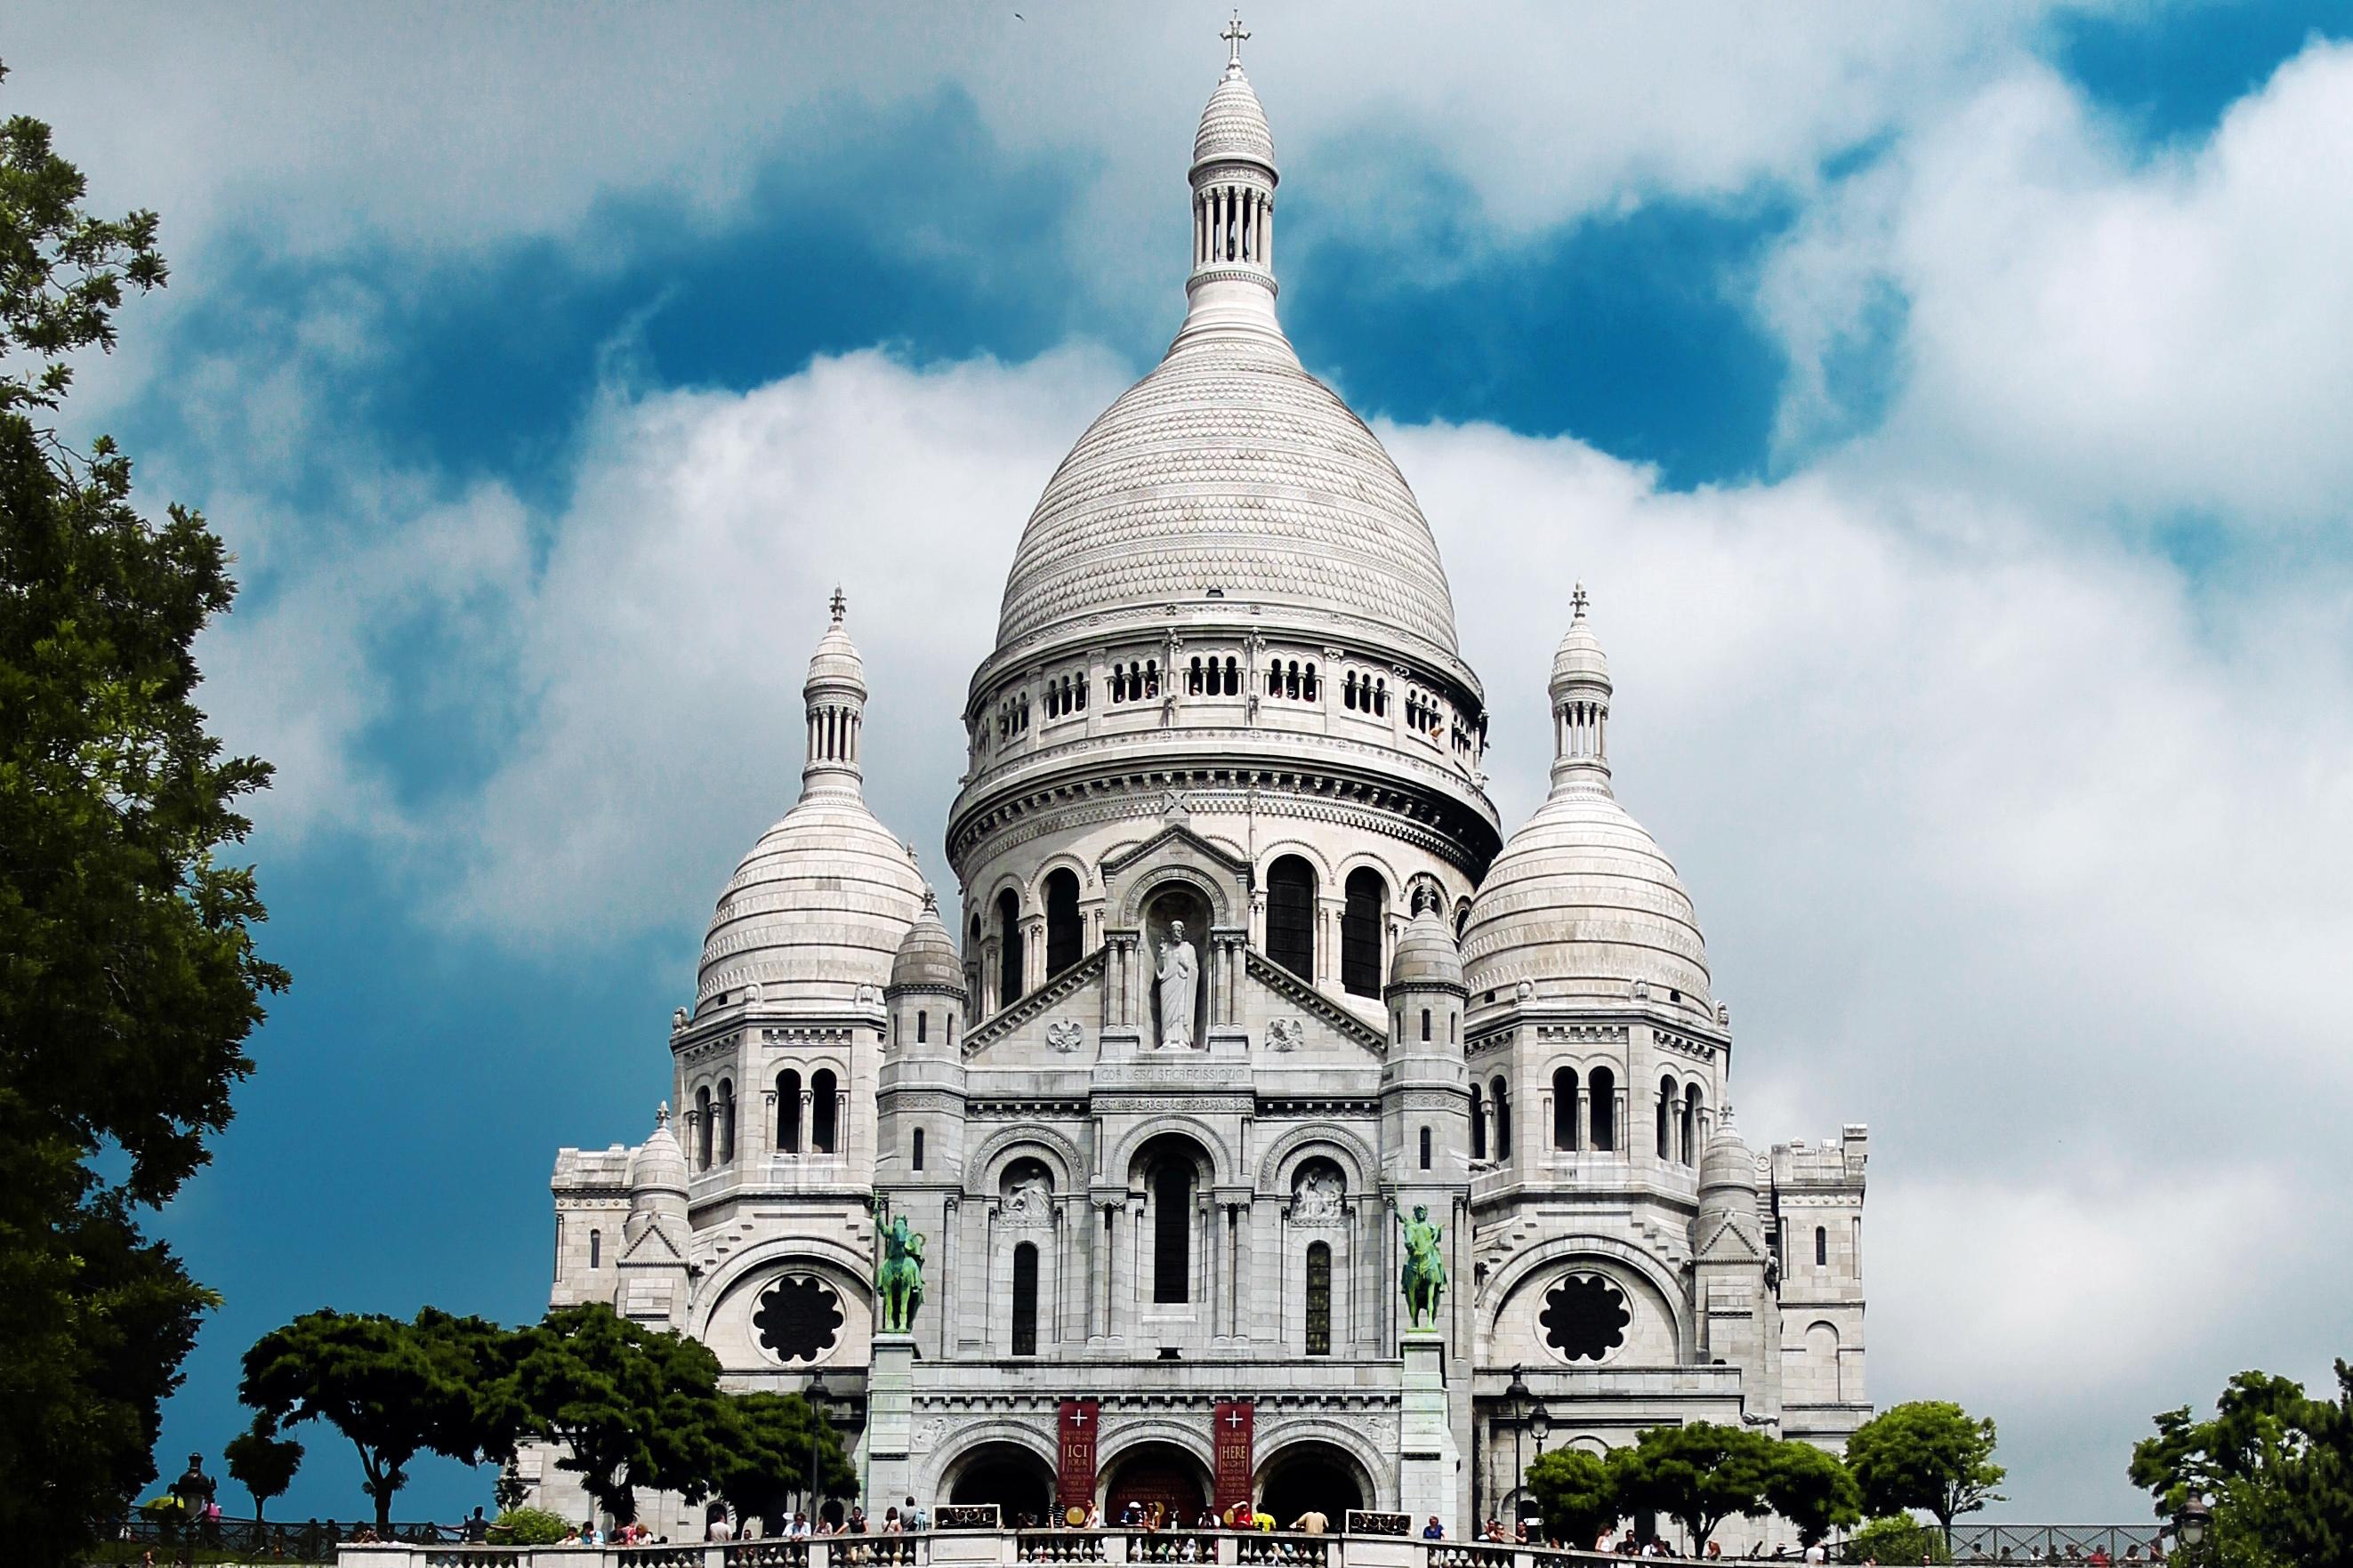 As 5 melhores vistas panorâmicas de Paris - Sacré Coeur